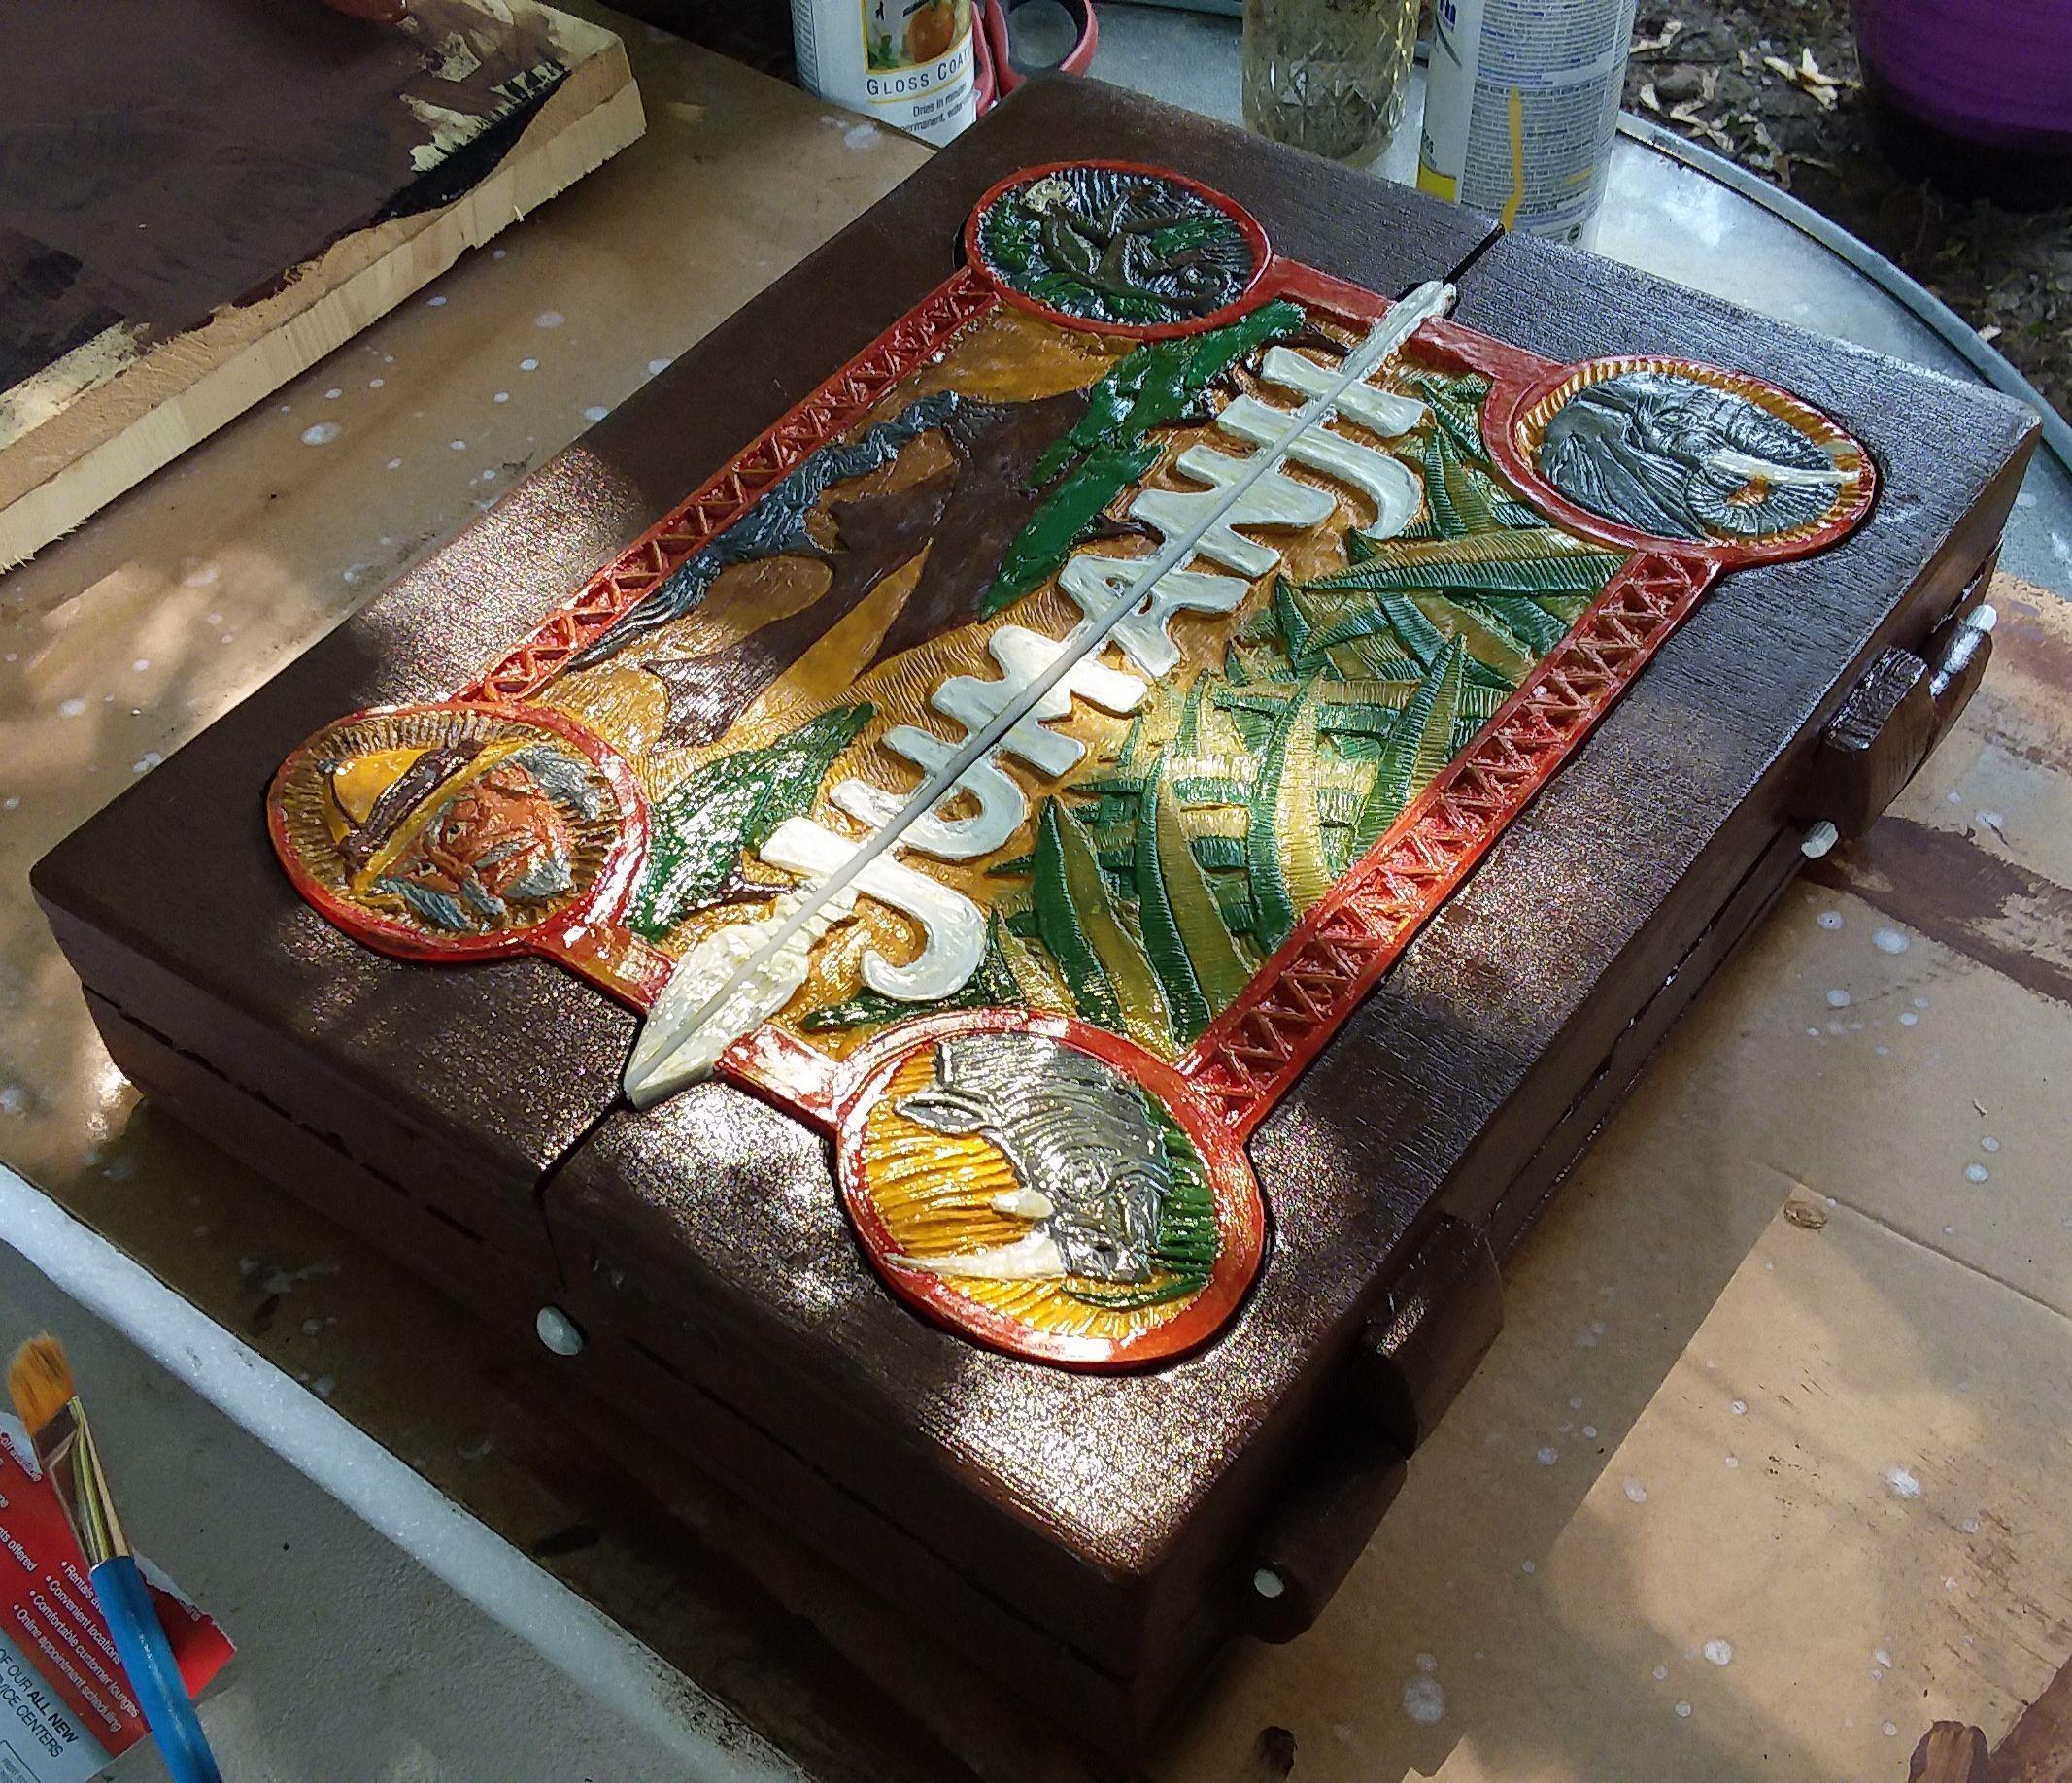 jumanji jumanjiboardgame jumanjireplica Jumanji board